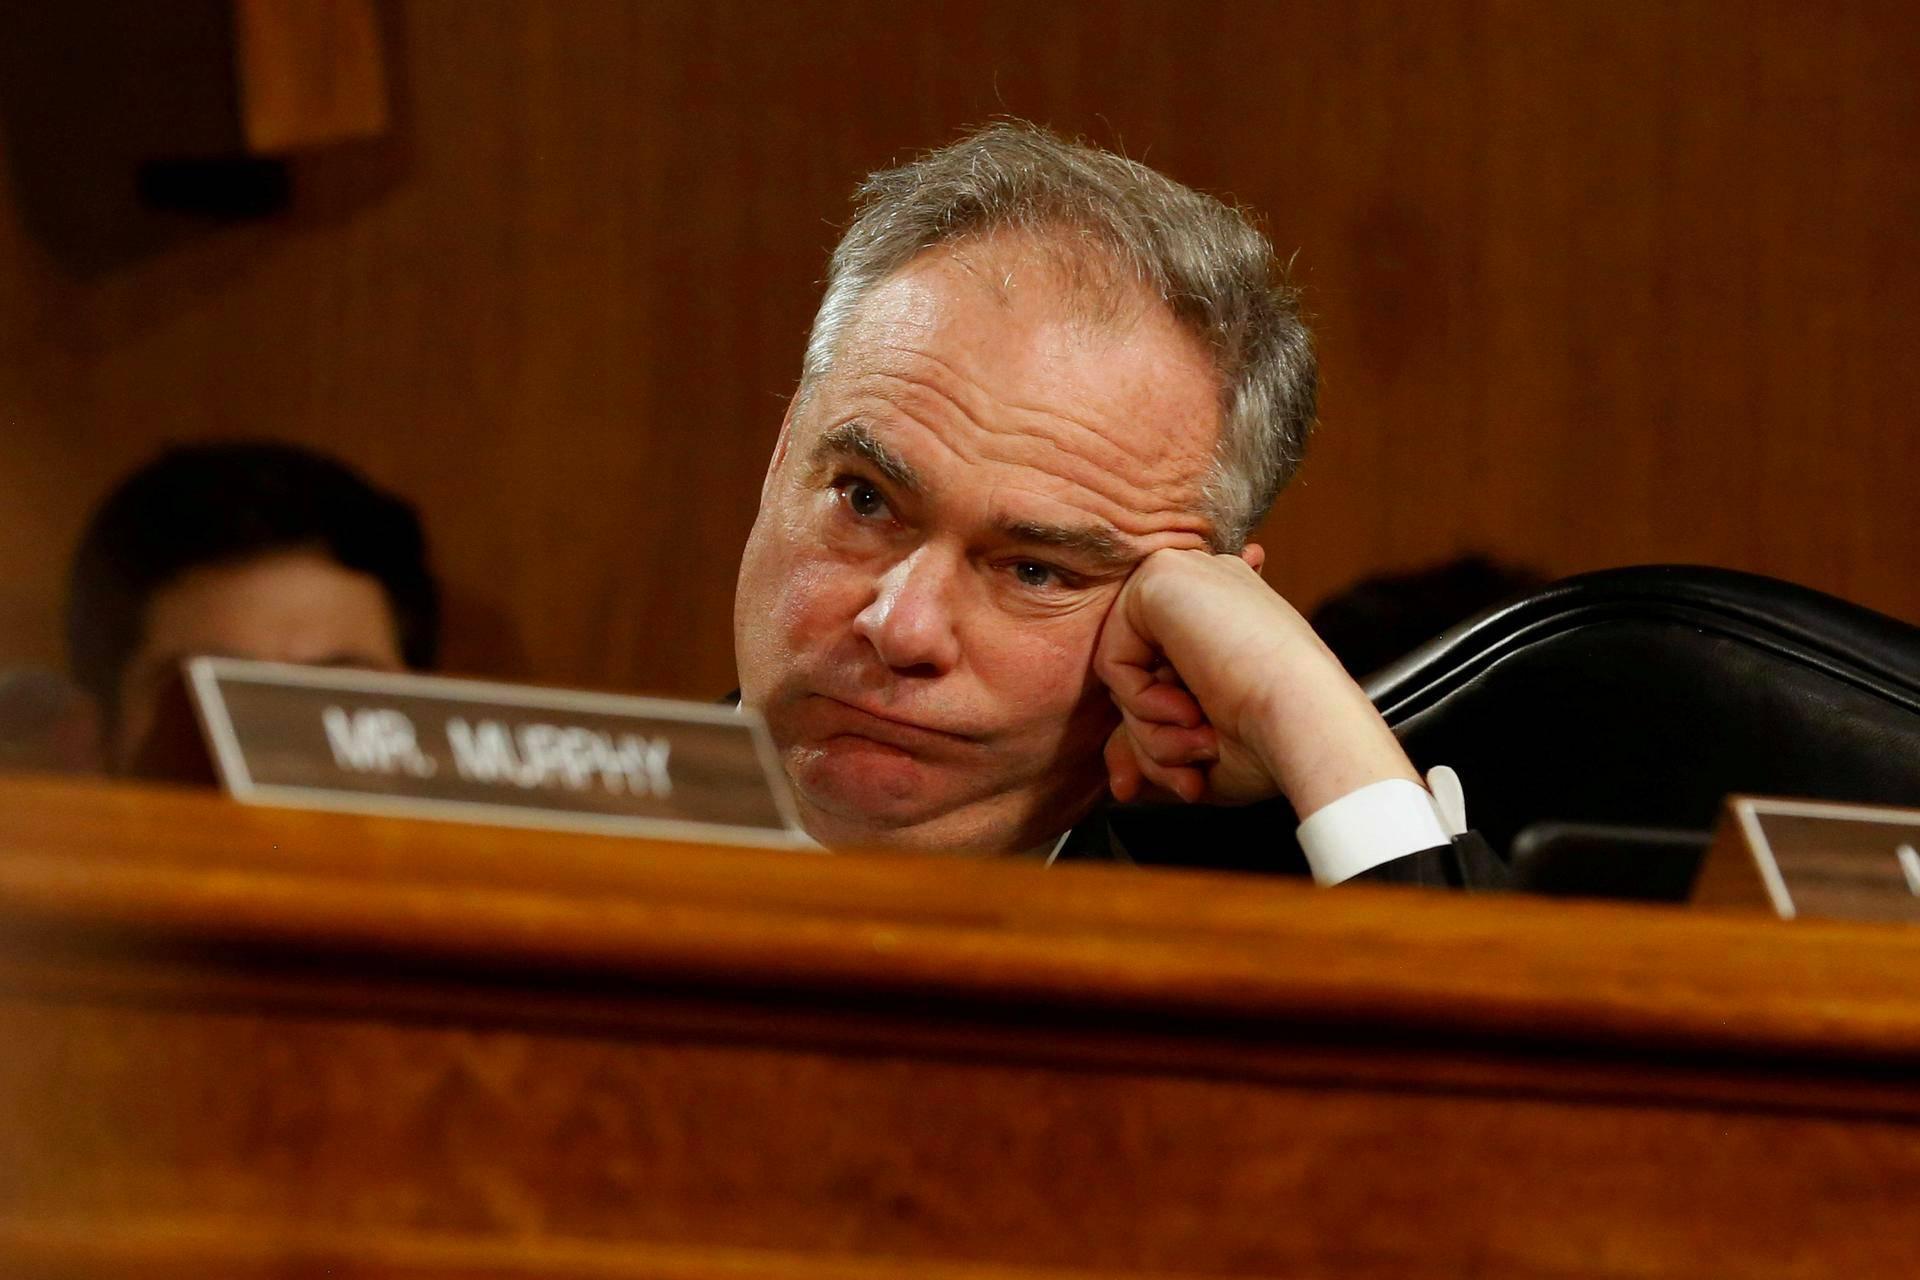 Demokraattisenaattori Tim Kaine seurasi keskustelua, kun Yhdysvaltain tuleva ulkoministeri Rex Tillerson oli keskiviikkona senaatin kuulusteltavana.